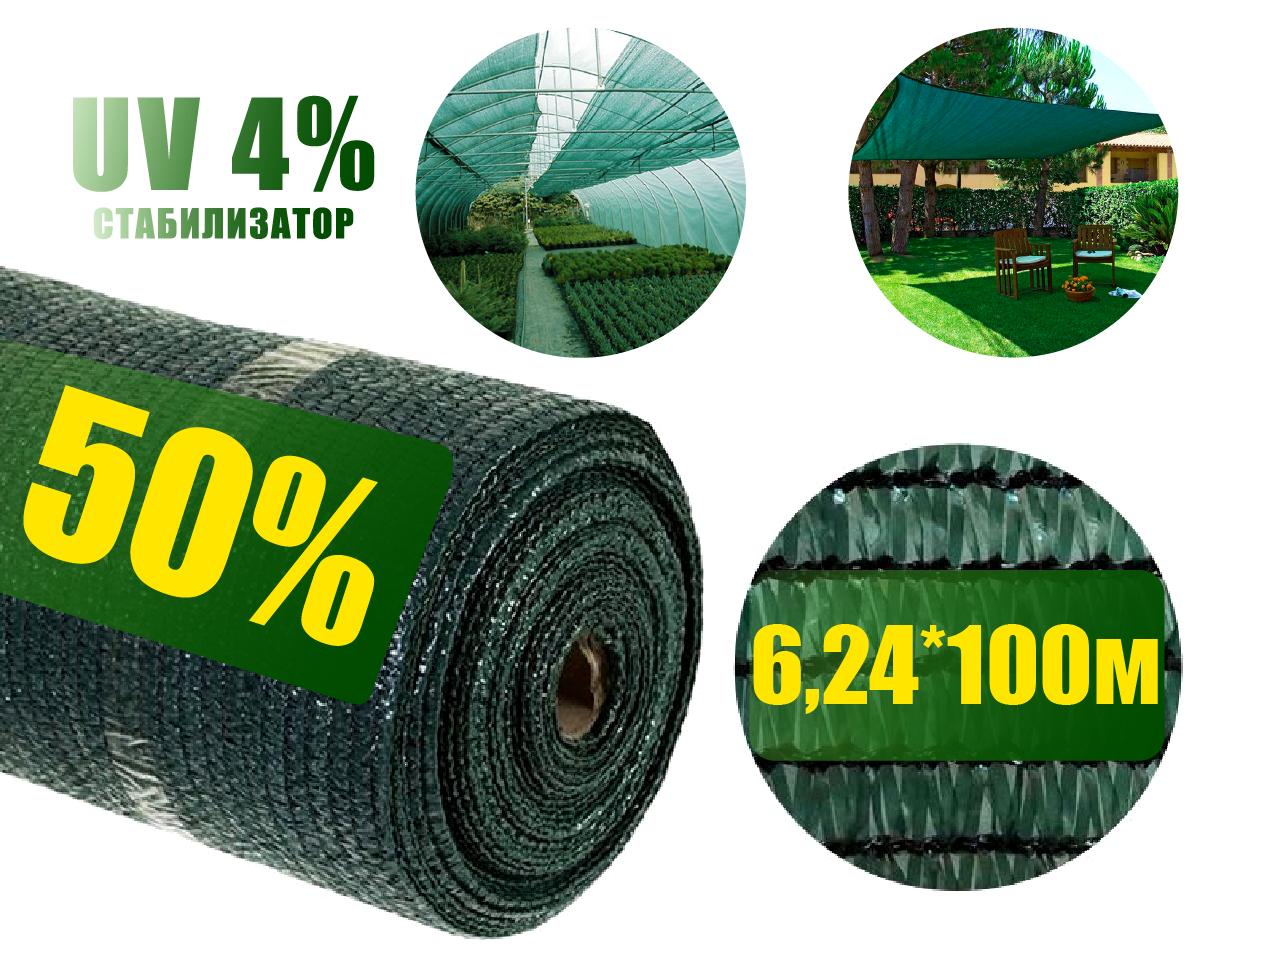 Затеняющая сетка 50%  6,24*100 зелёная Чехия